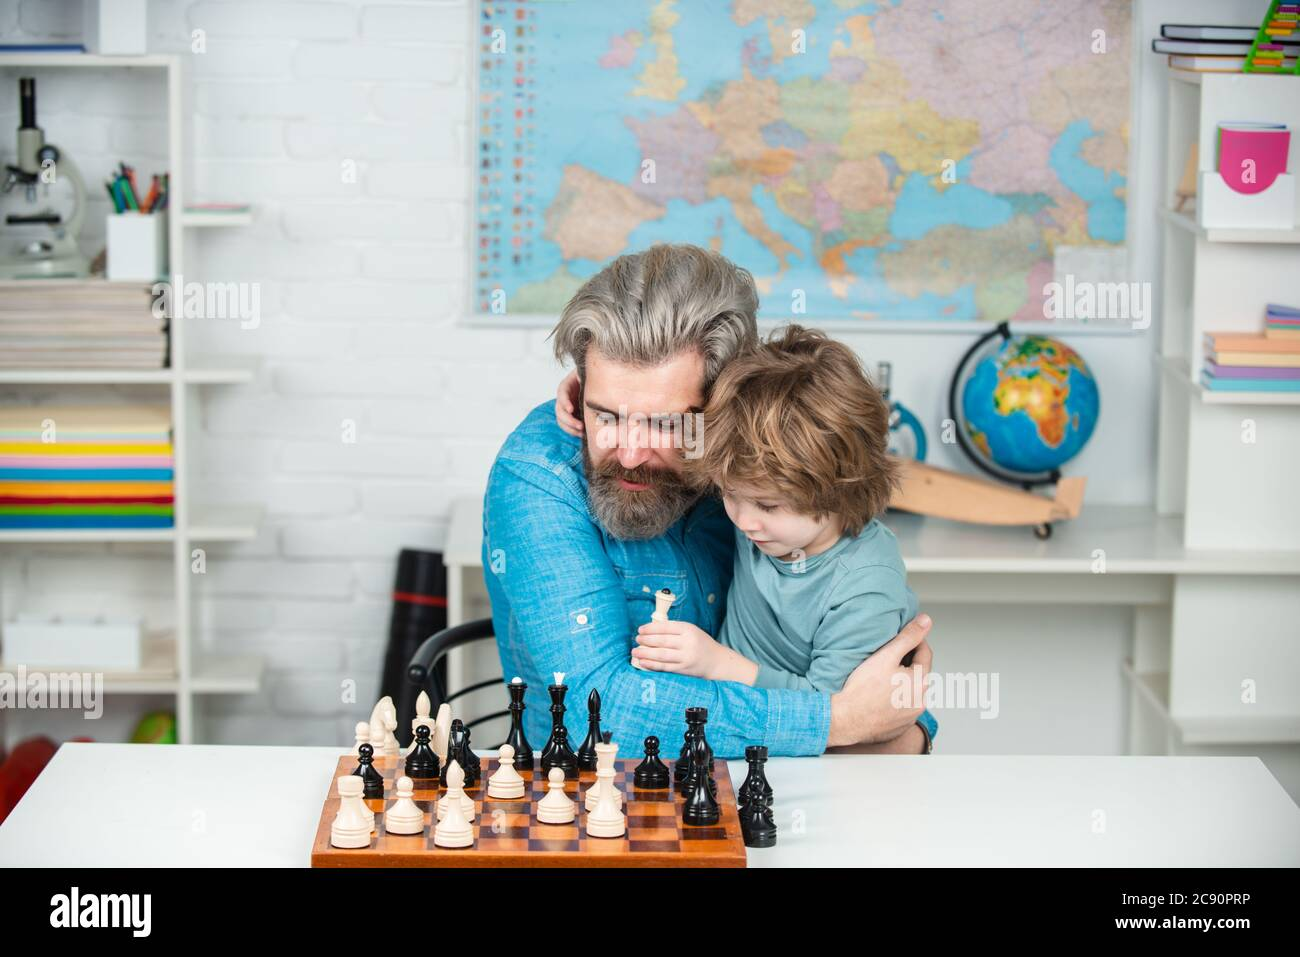 Jeux bons pour le concept de l'intelligence du cerveau. Enfants intelligents. Enfant élève pensant à sa prochaine étape dans une partie d'échecs. Jeux éducatifs. Banque D'Images